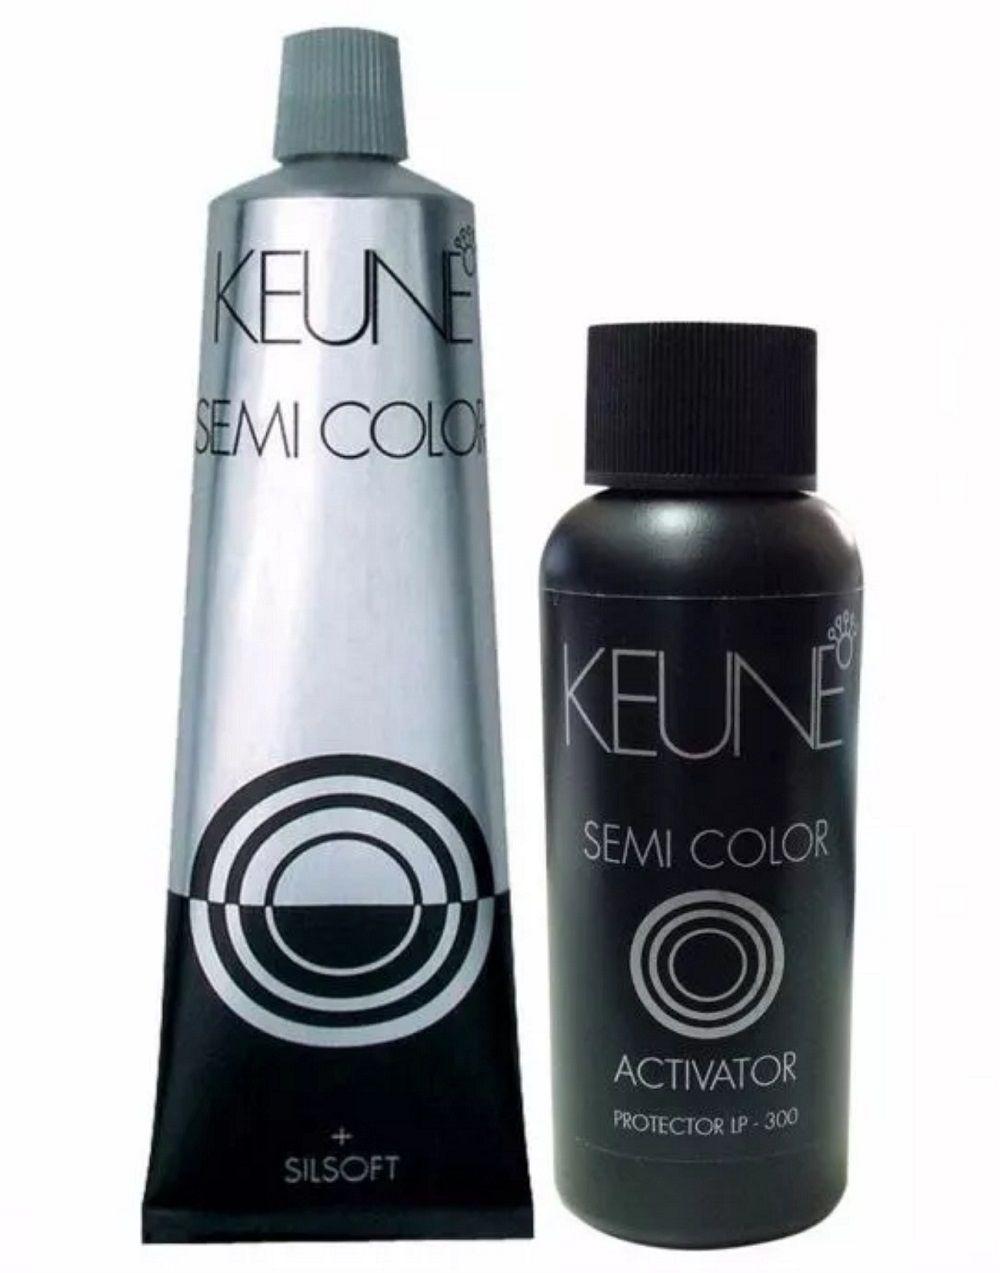 Kit Keune Semi Color 60ml - Cor 8.17 - Louro Claro Cinza Violeta + Ativador 60ml